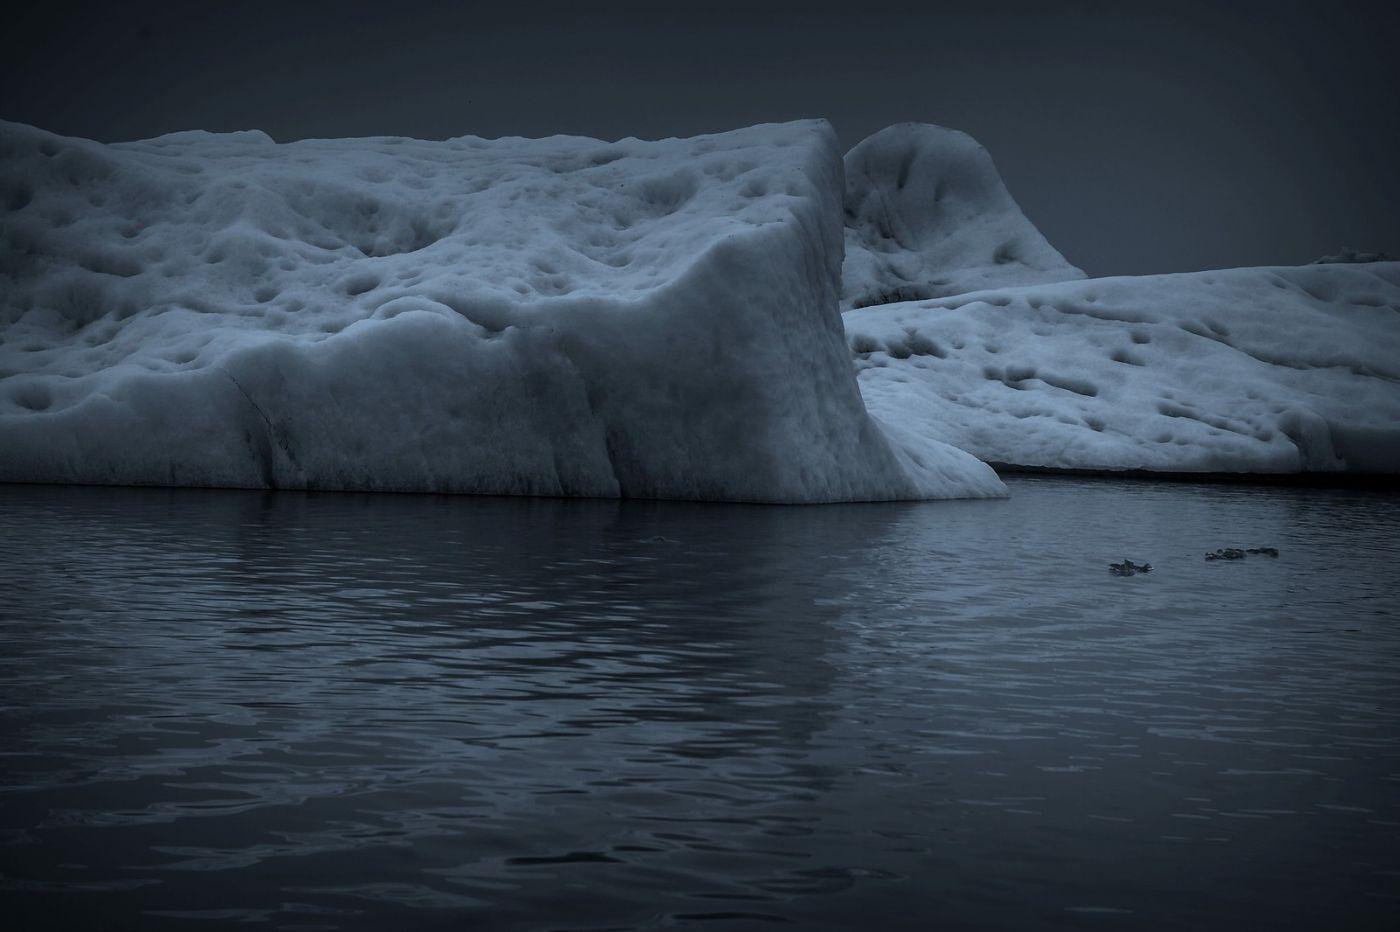 冰岛冰川泻湖(Glacier Lagoon), 湖面上冰川_图1-18